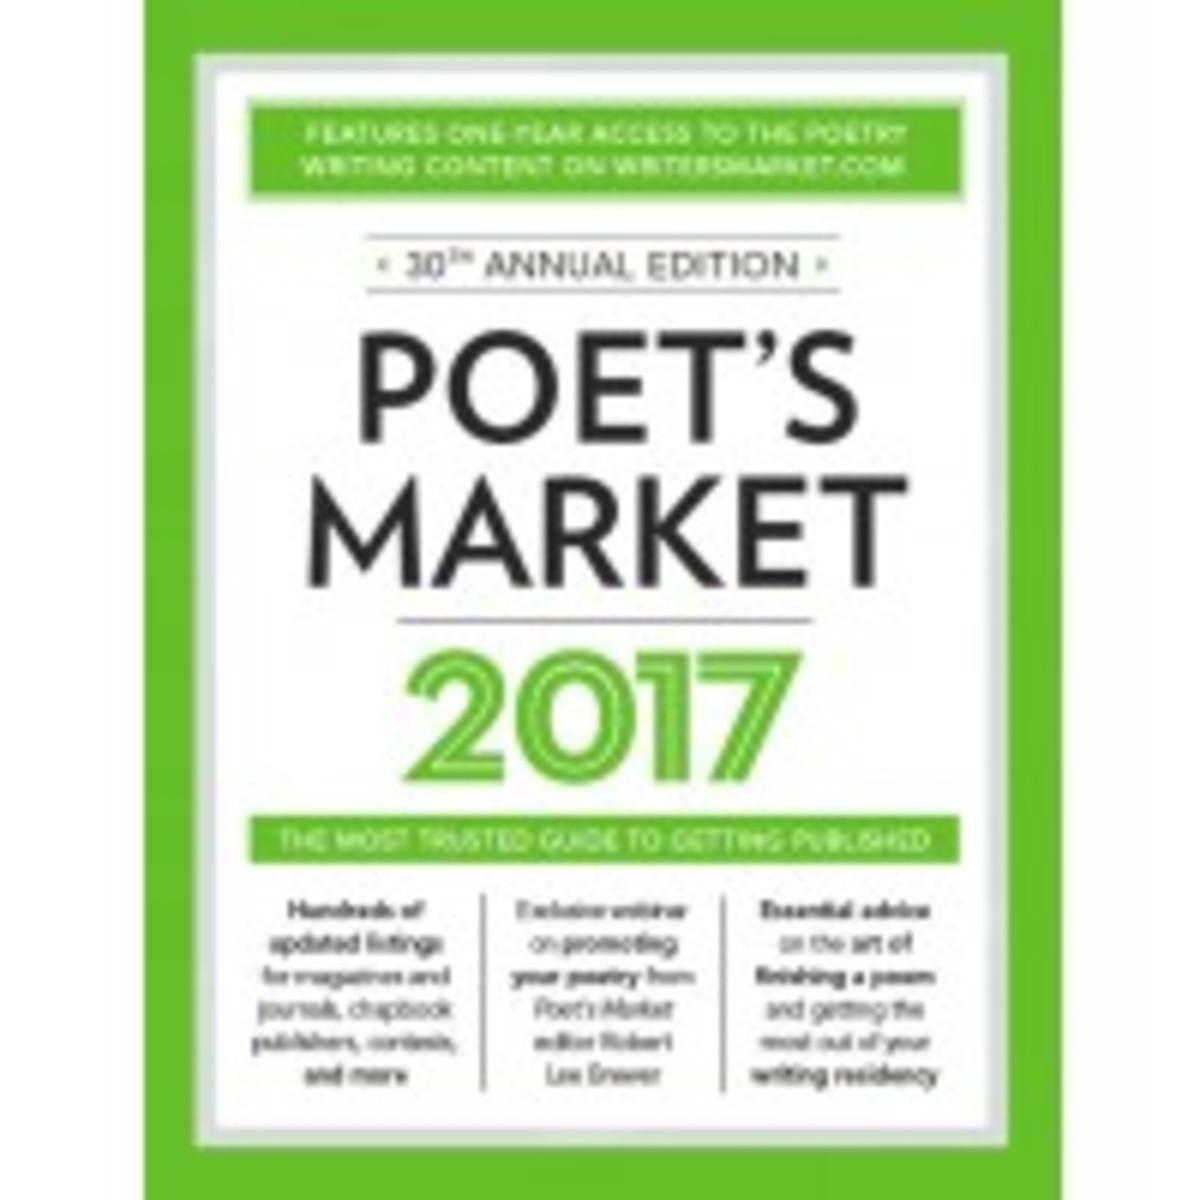 poets_market_robert_lee_brewer